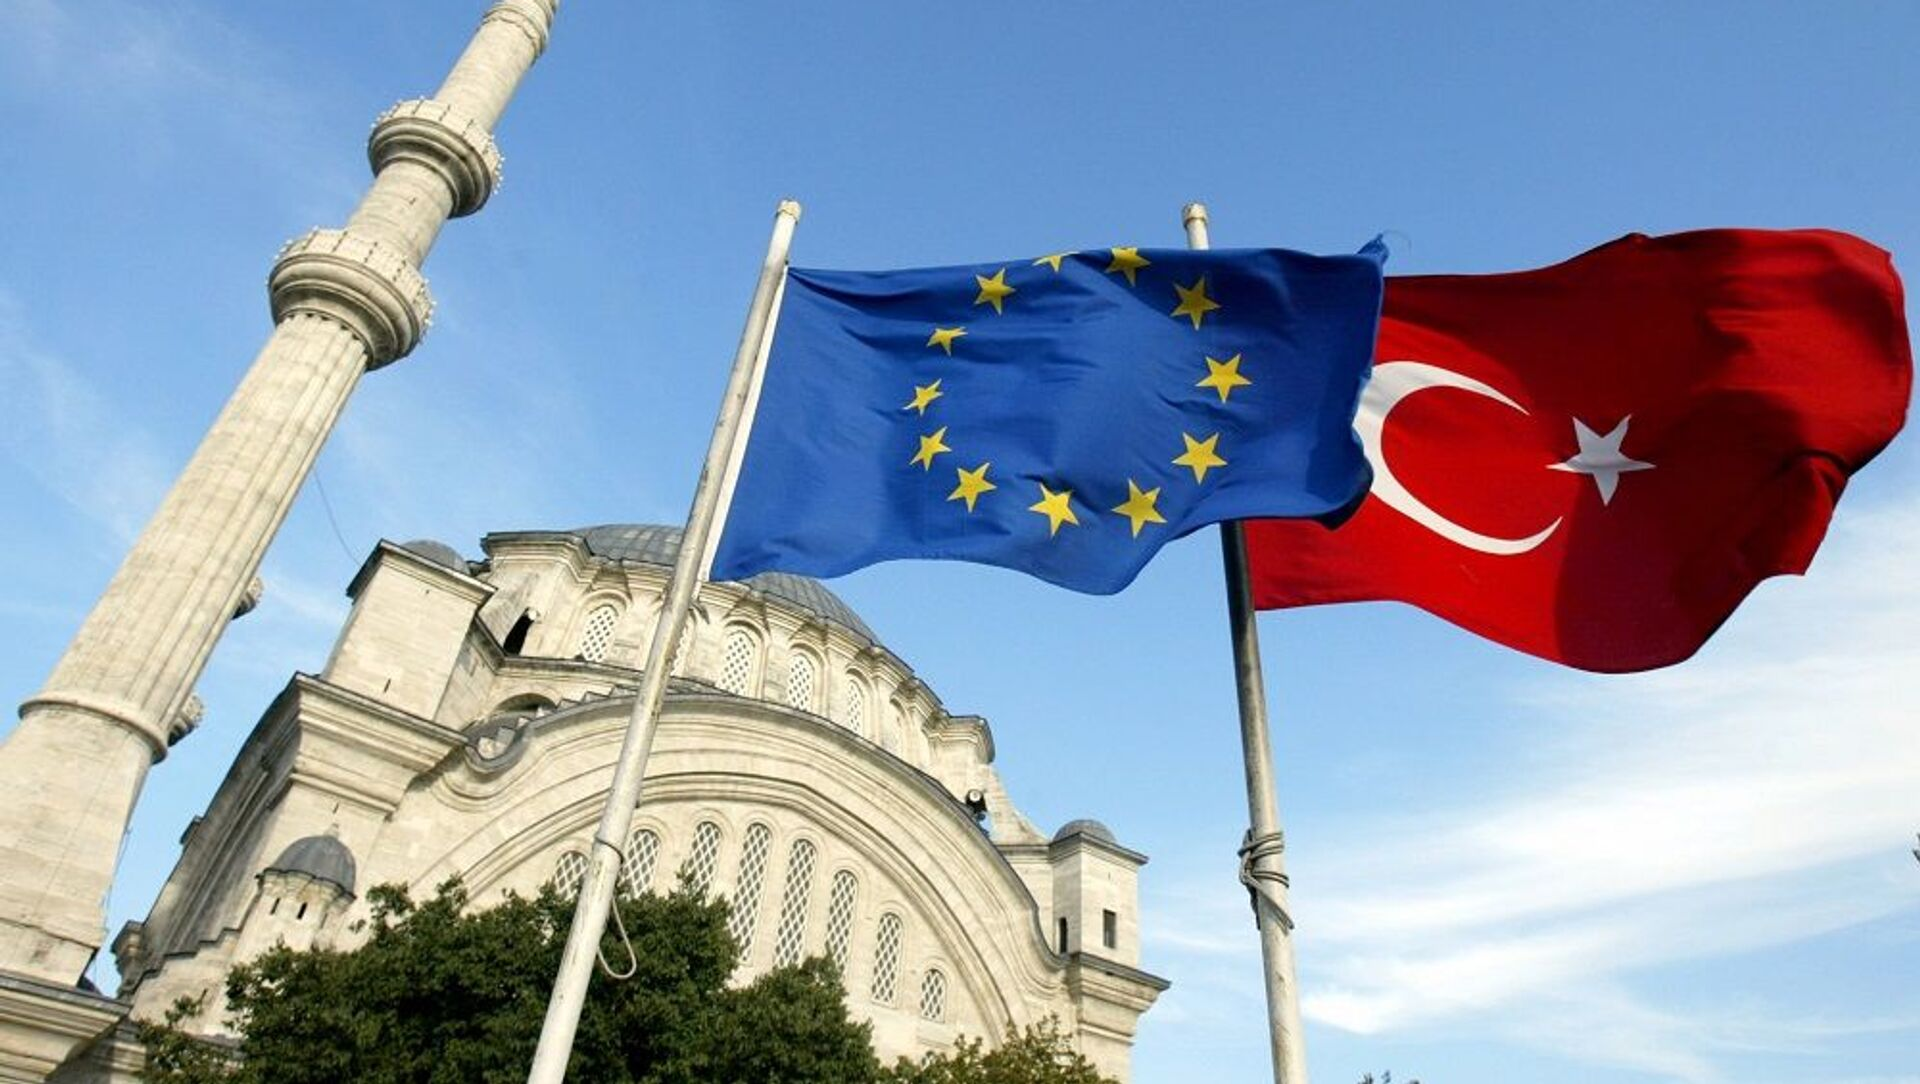 Σημαίες της Τουρκίας και της Ευρωπαϊκής Ένωσης έξω από τζαμί στην Κωνσταντινούπολη - Sputnik Ελλάδα, 1920, 20.03.2021